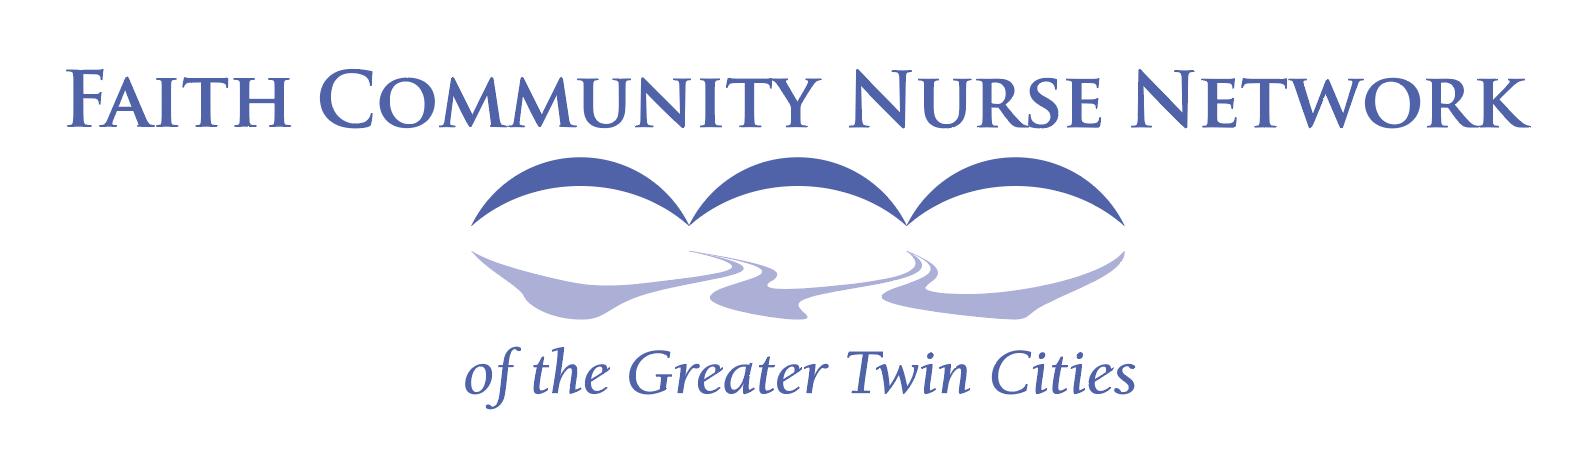 Faith Community Nurse Network